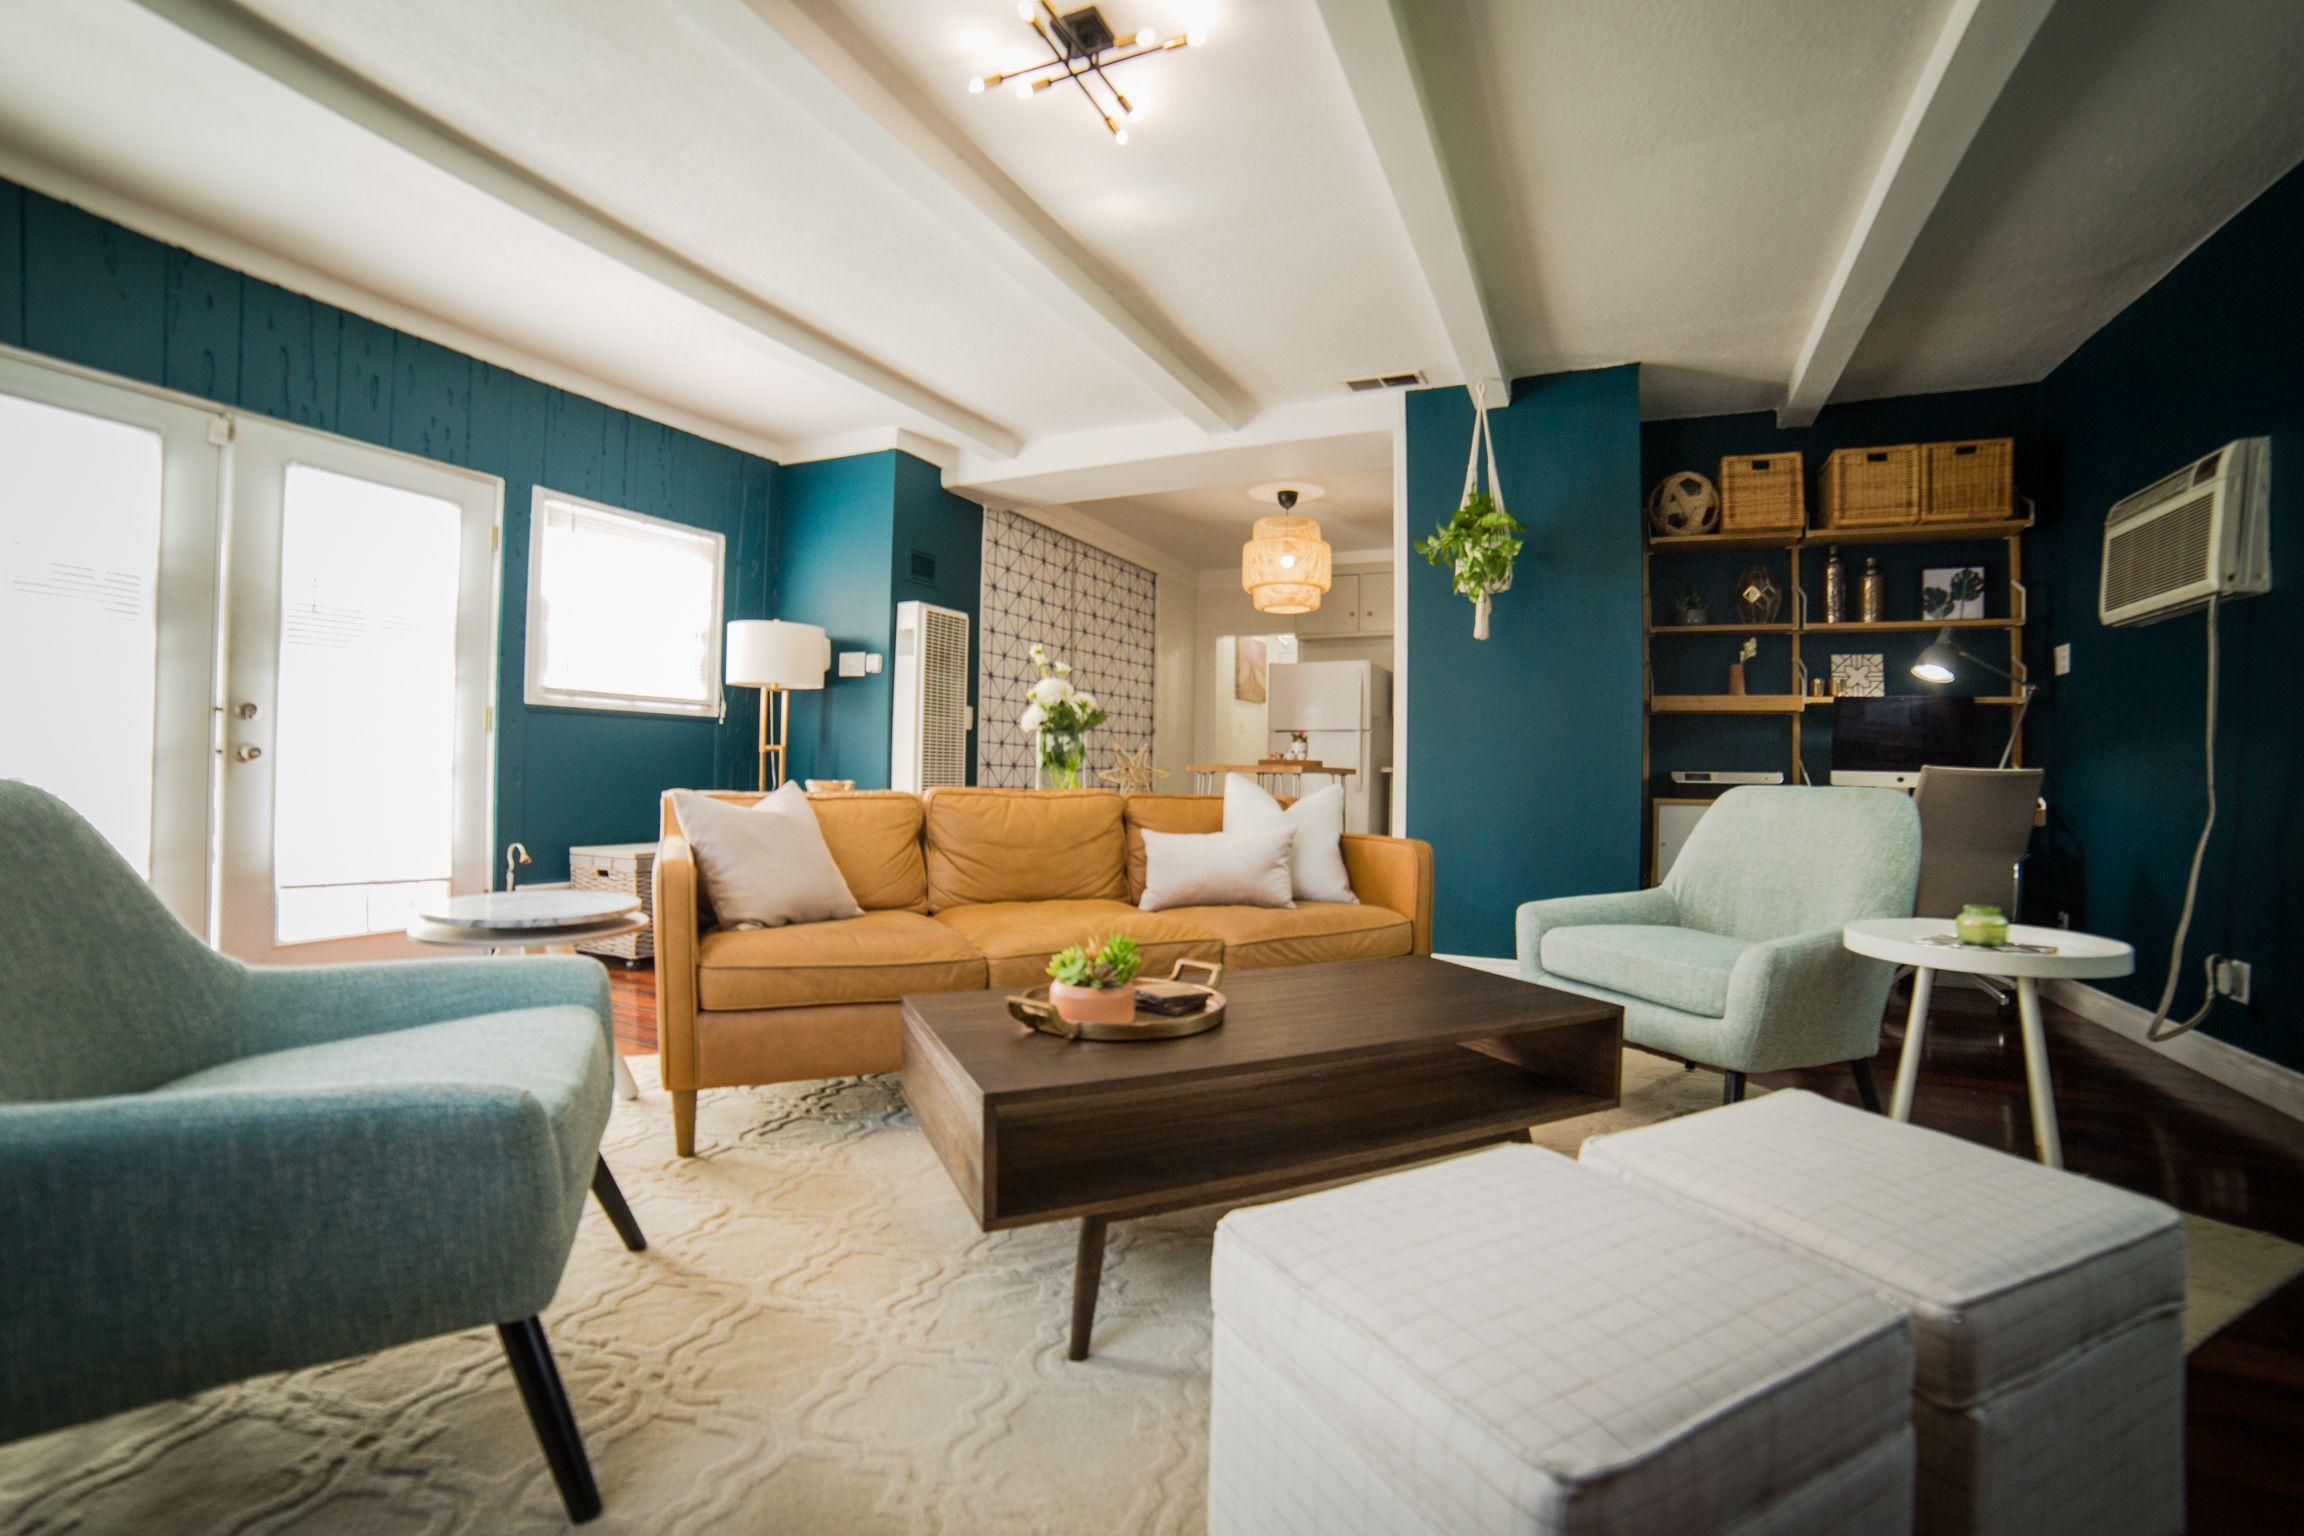 Weird Living Room Layout - INTENSE Makeover! Weird Shaped ...